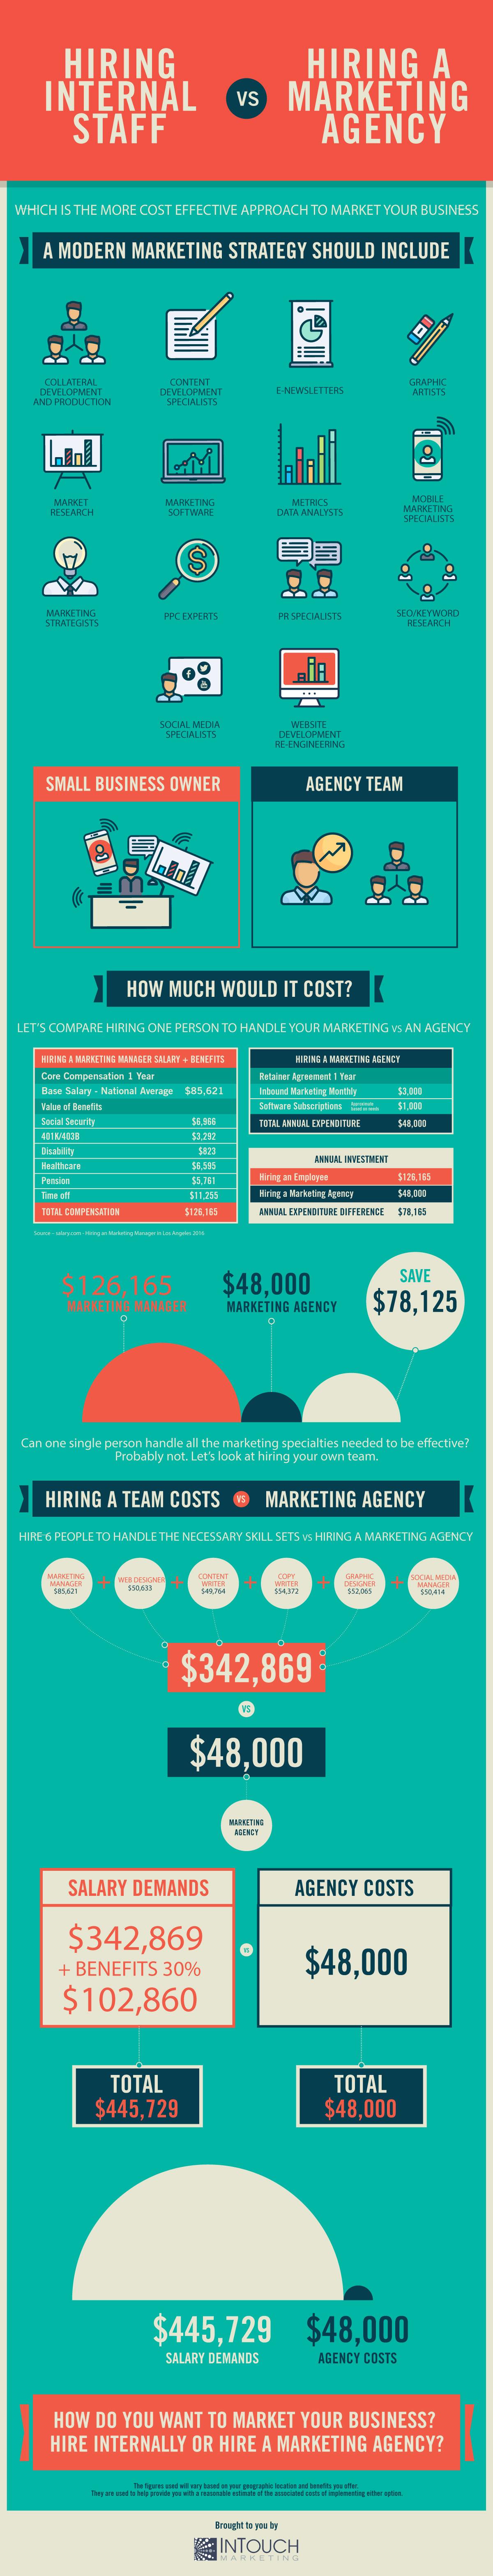 Inbound Marketing Pricing